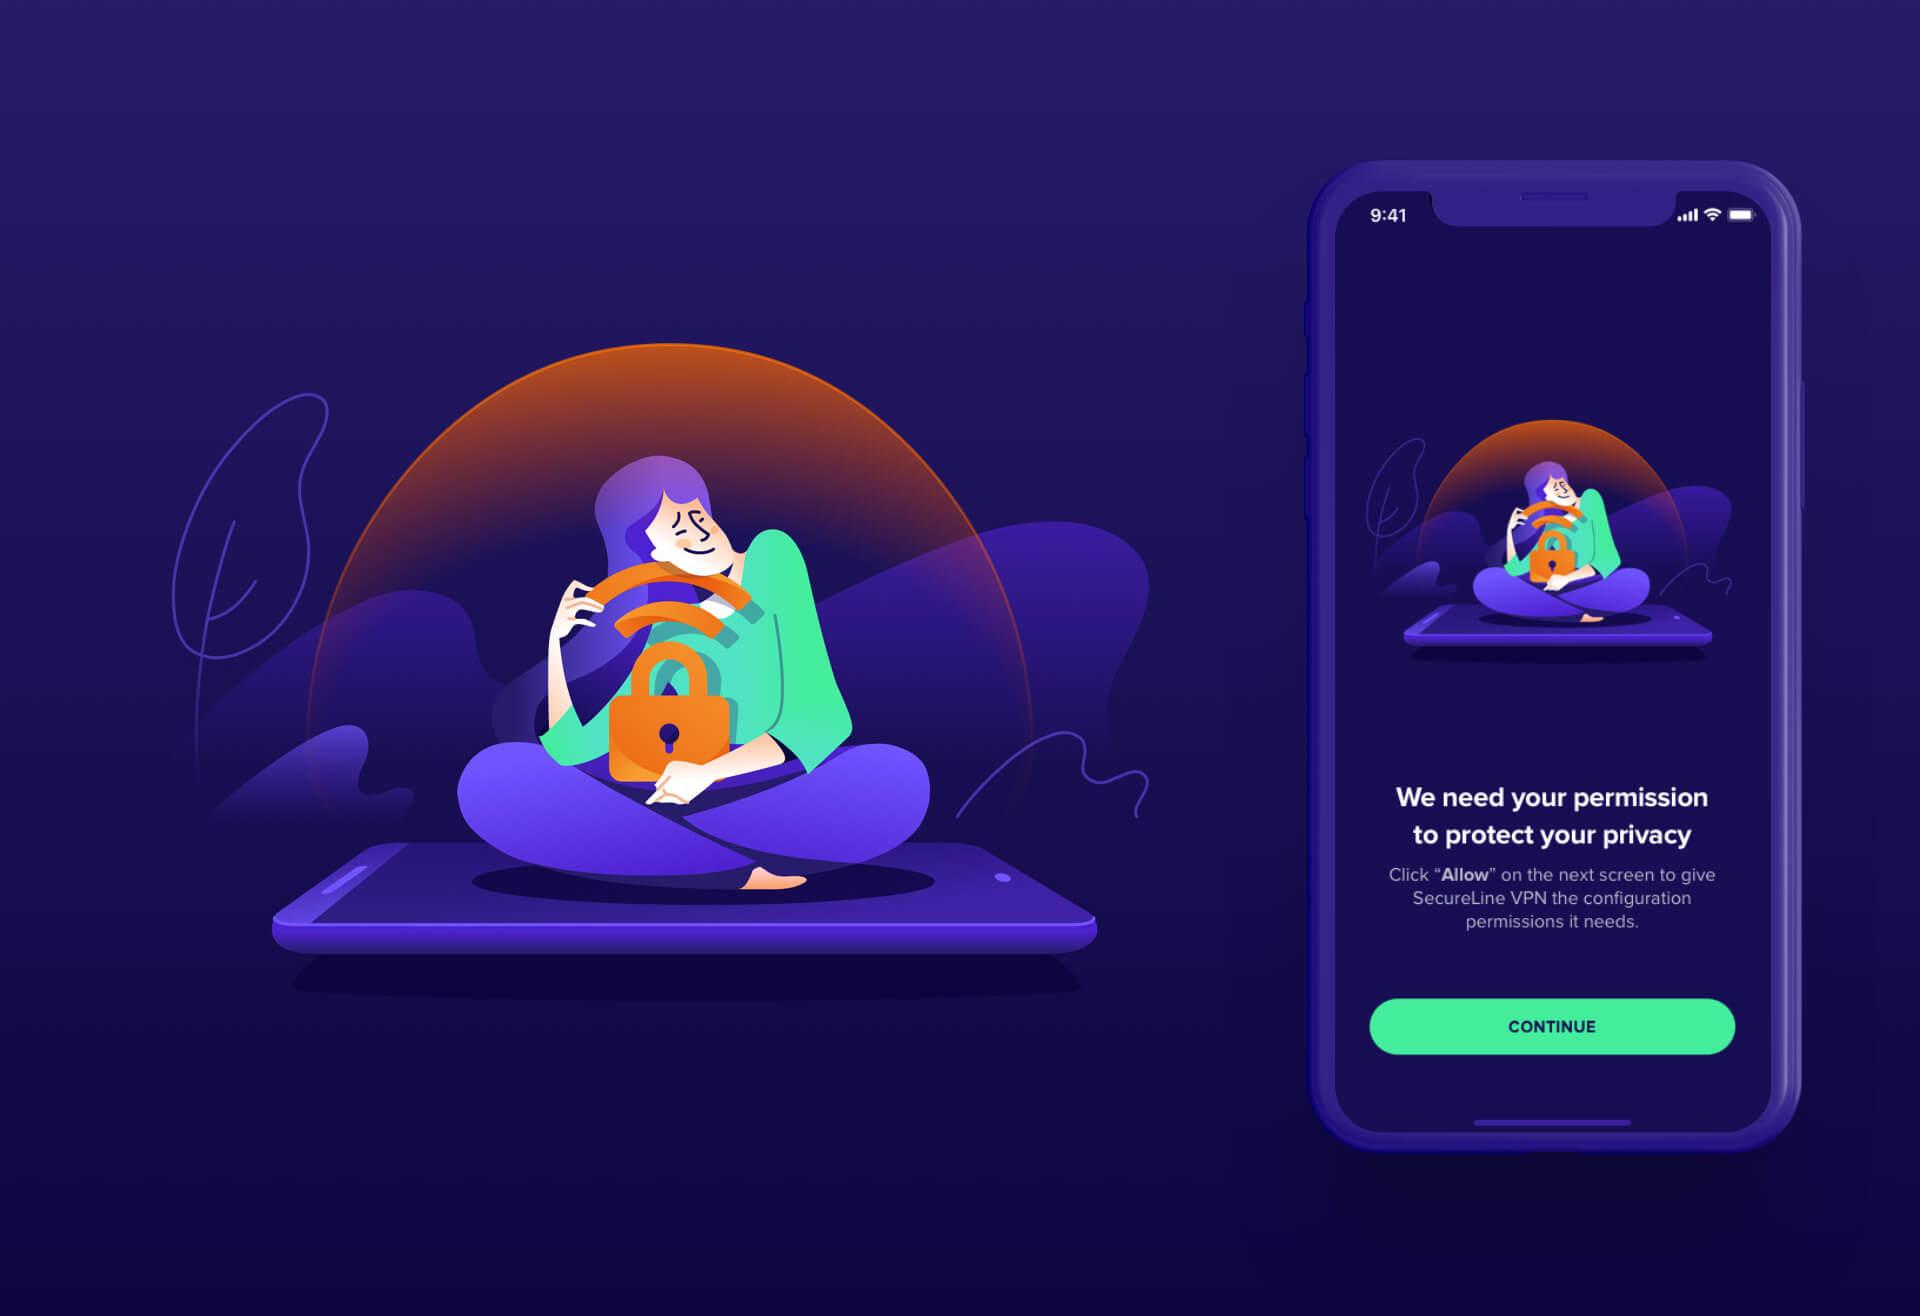 Женщина c фиолетовыми волосами и штанами обнимает символ замка и WiFI сидя на телефоне